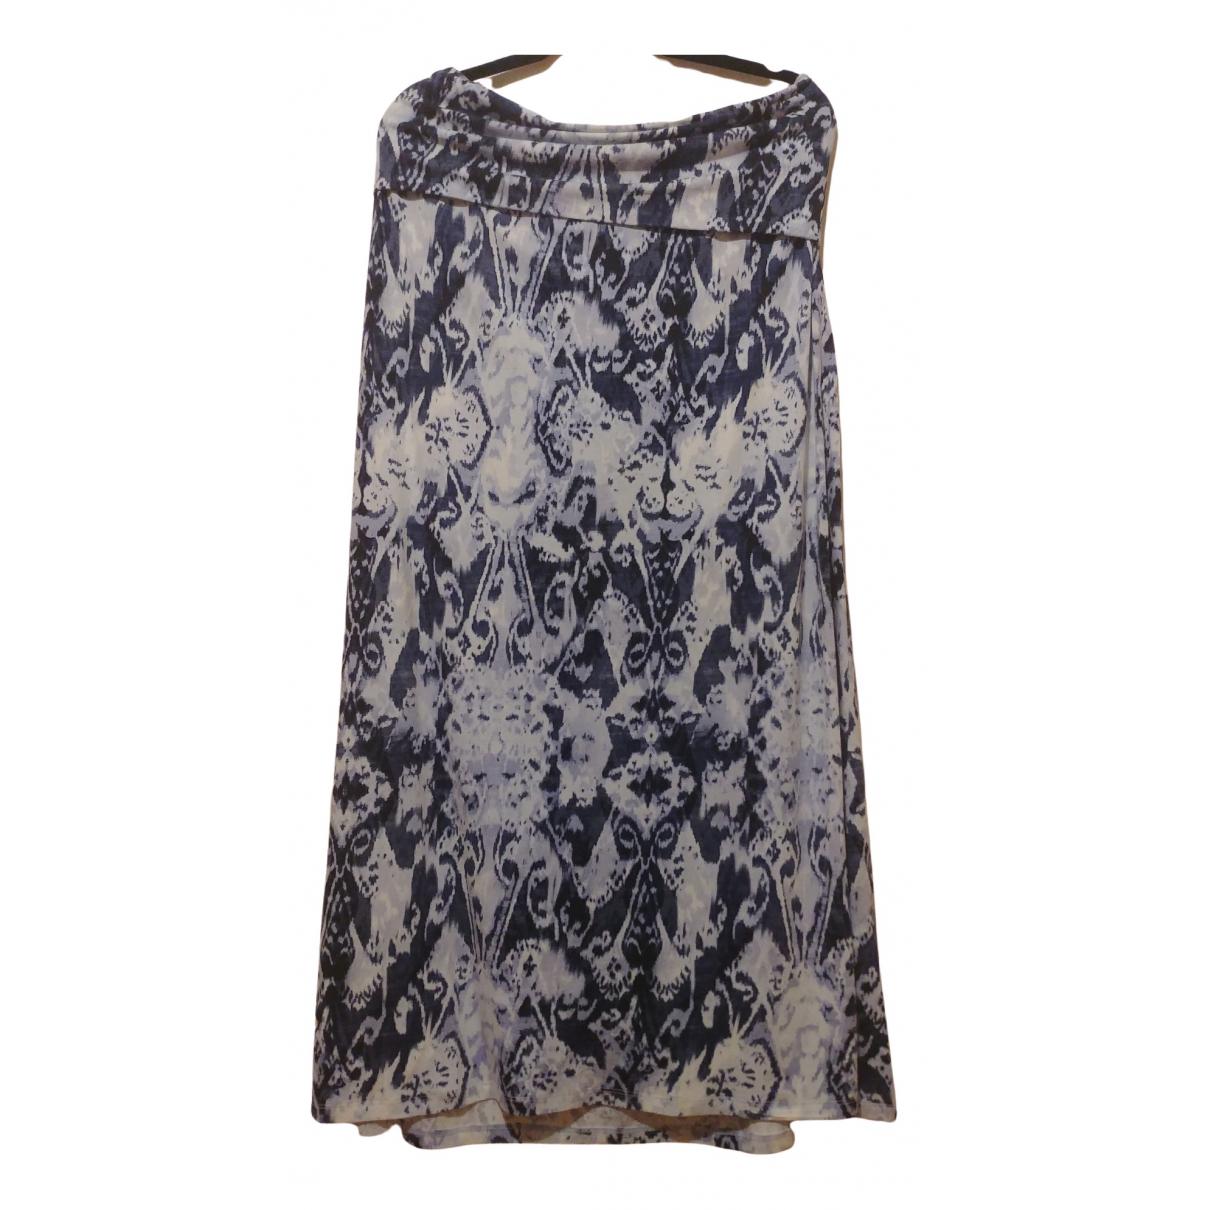 Cynthia Rowley \N Blue skirt for Women XL International